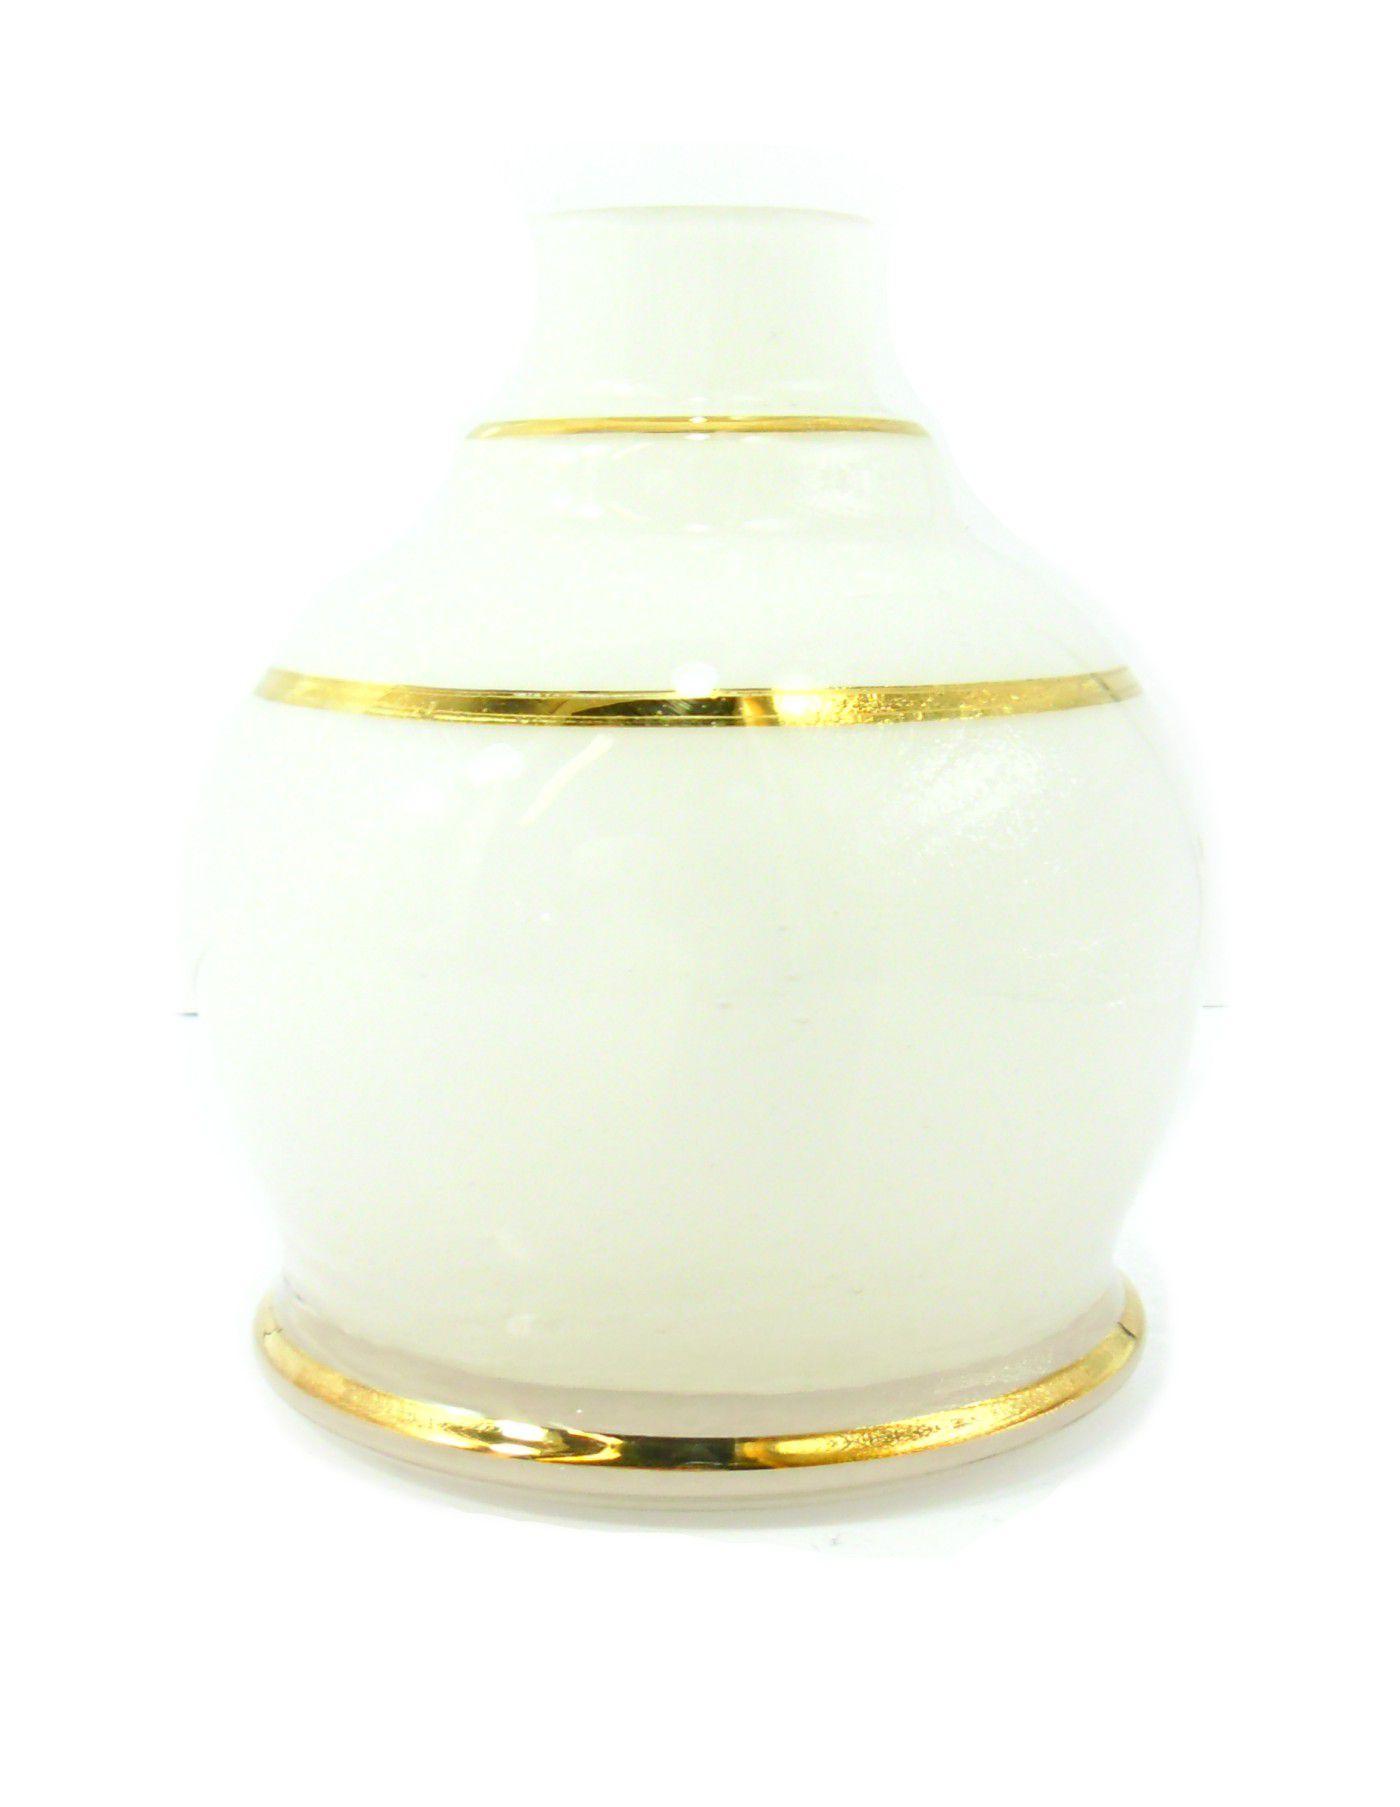 Vaso/base para narguile Shisha Glass (13cm), modelo BALL. Encaixe macho (interno).